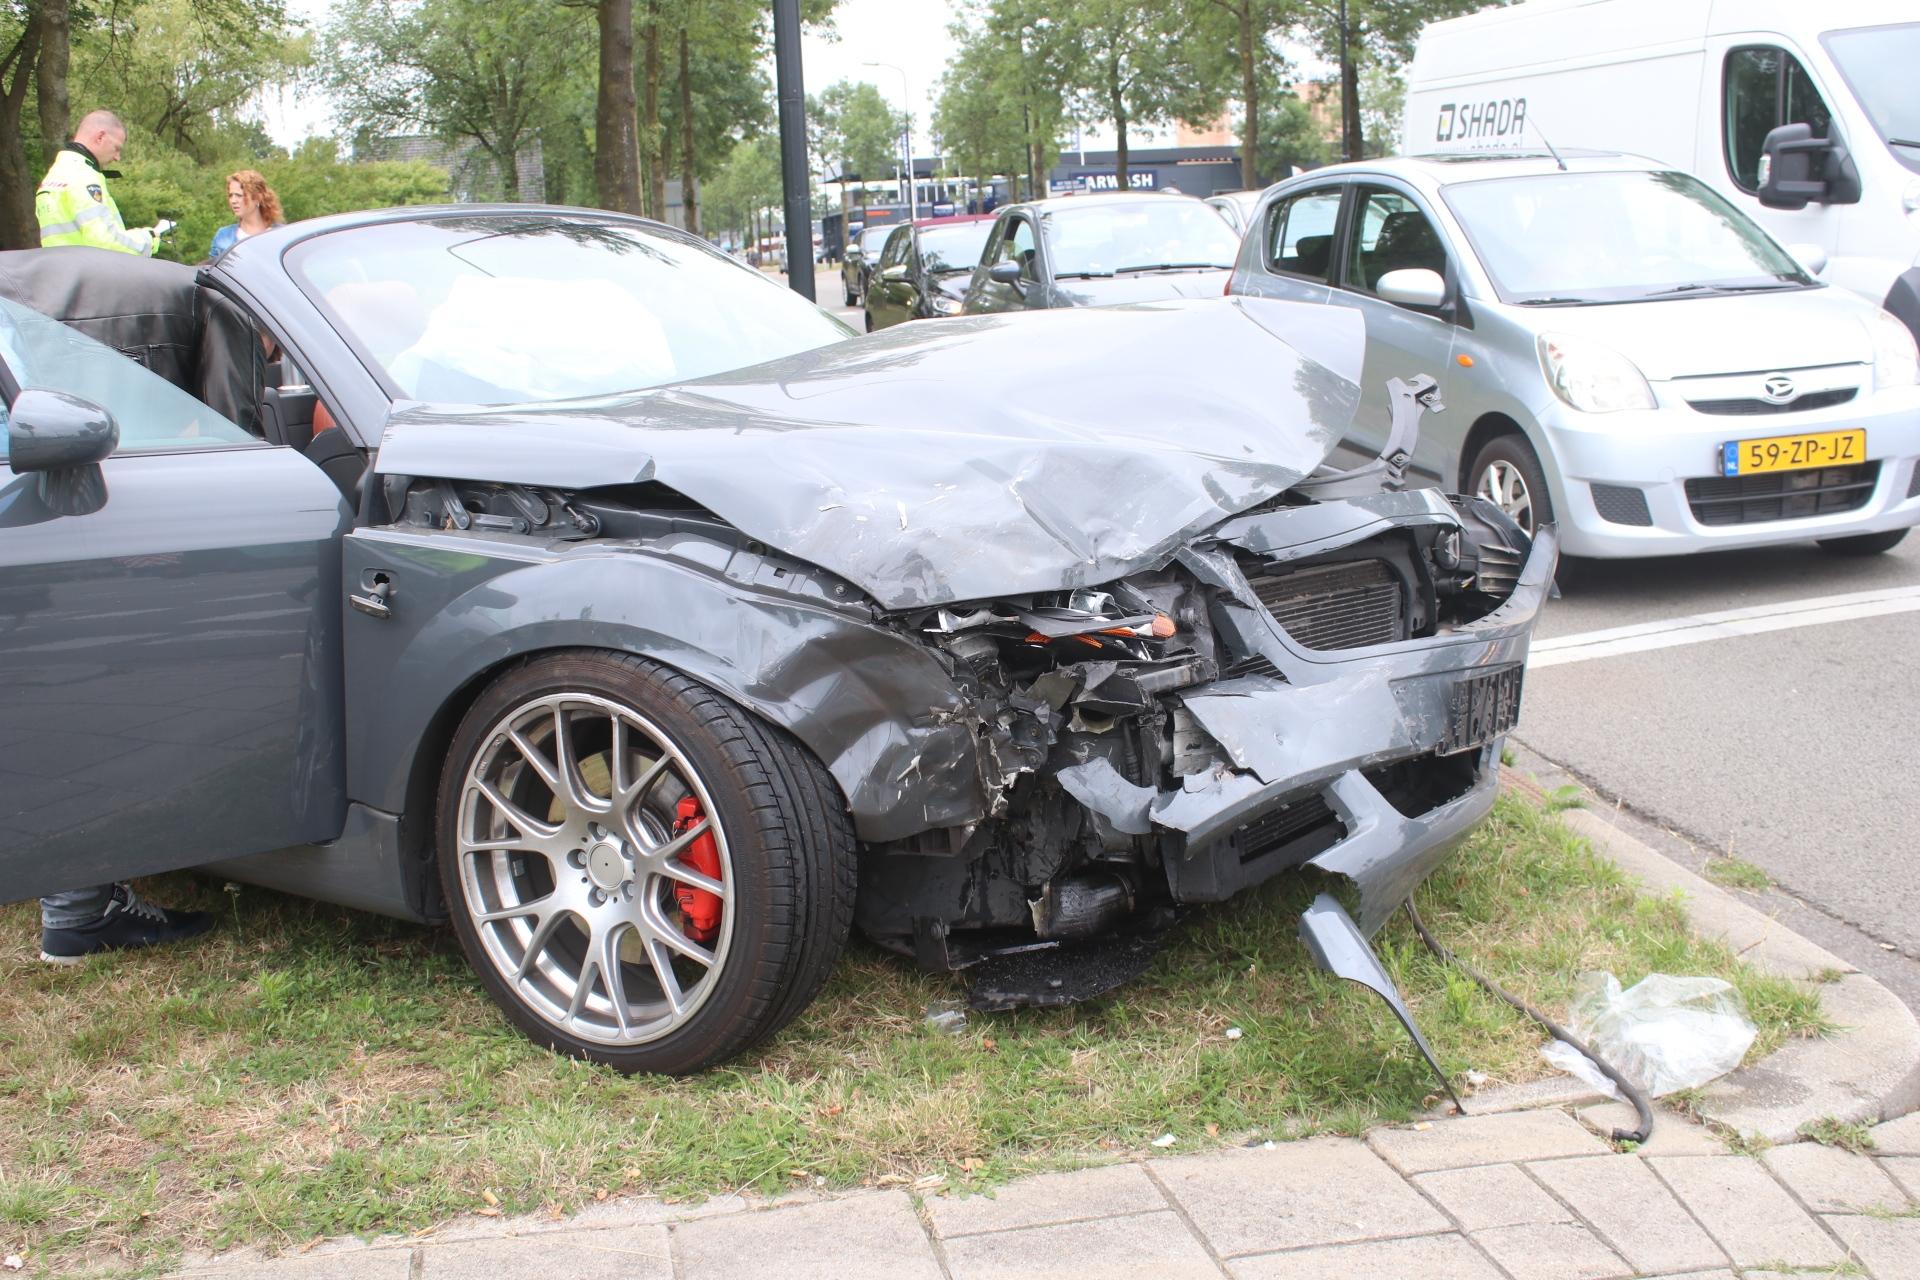 Automobiliste rijdt door rood en veroorzaakt ongeval in Apeldoorn